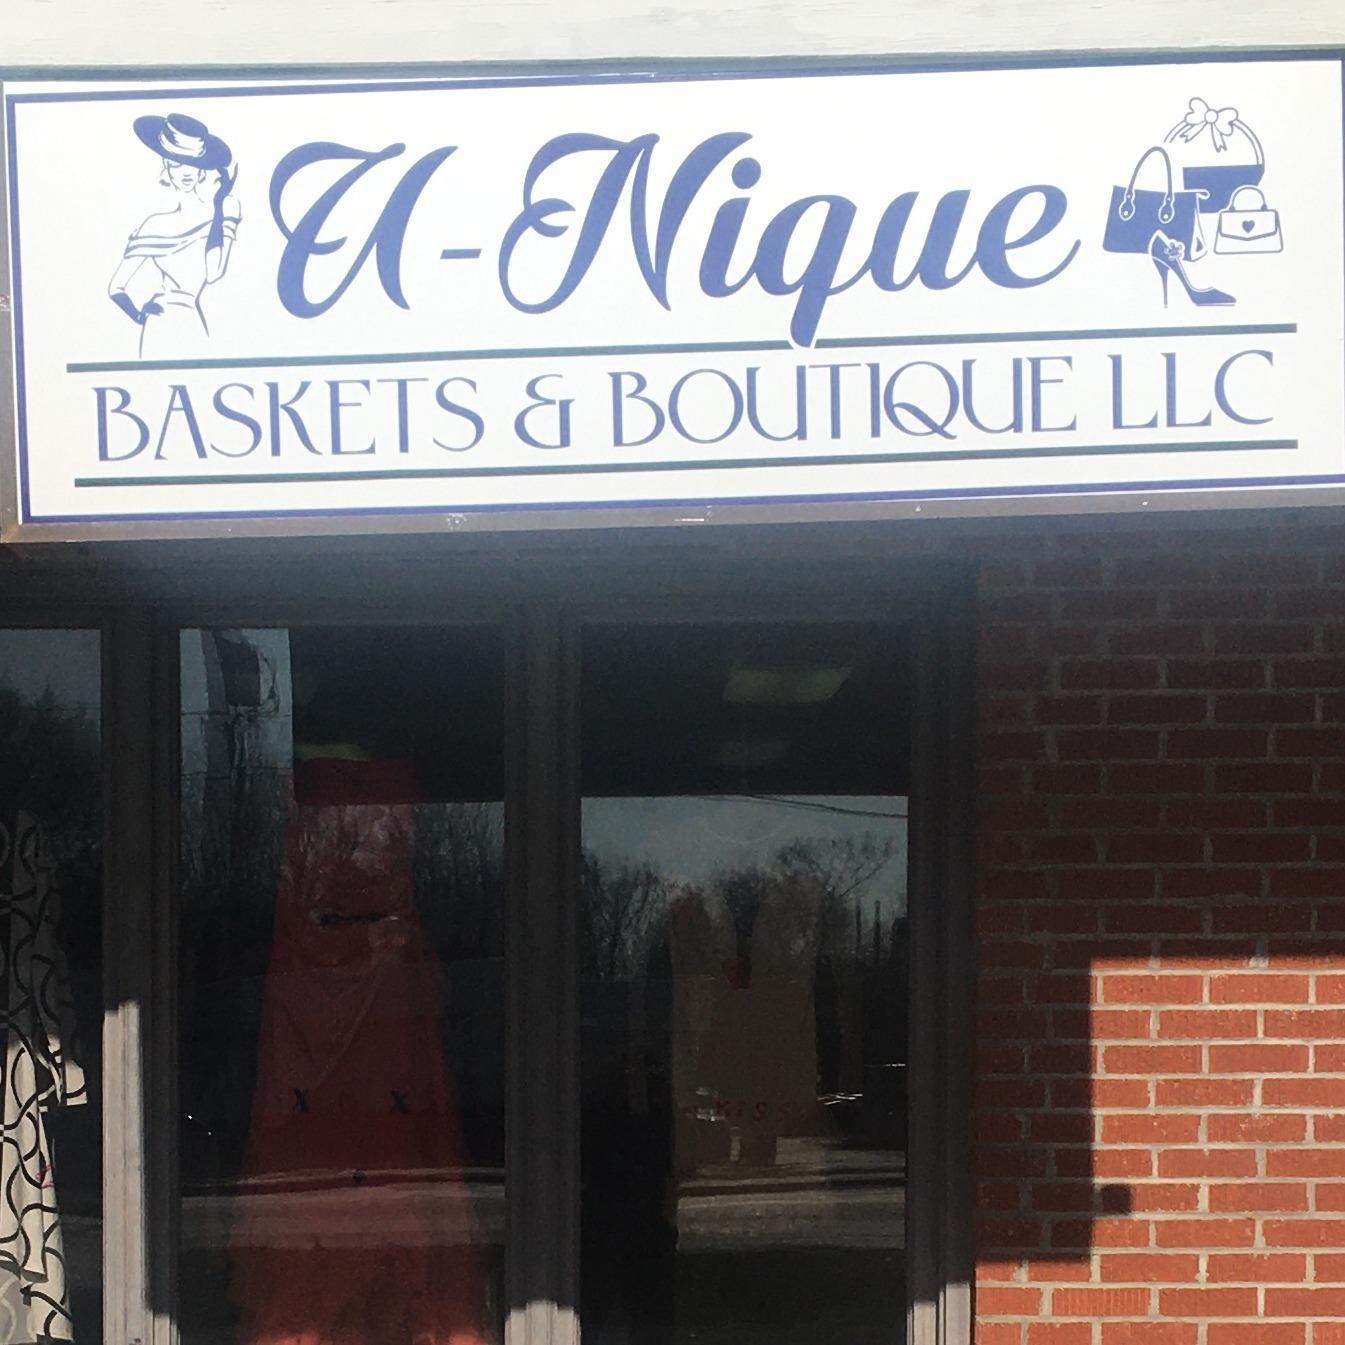 U-Nique Baskets & Boutique